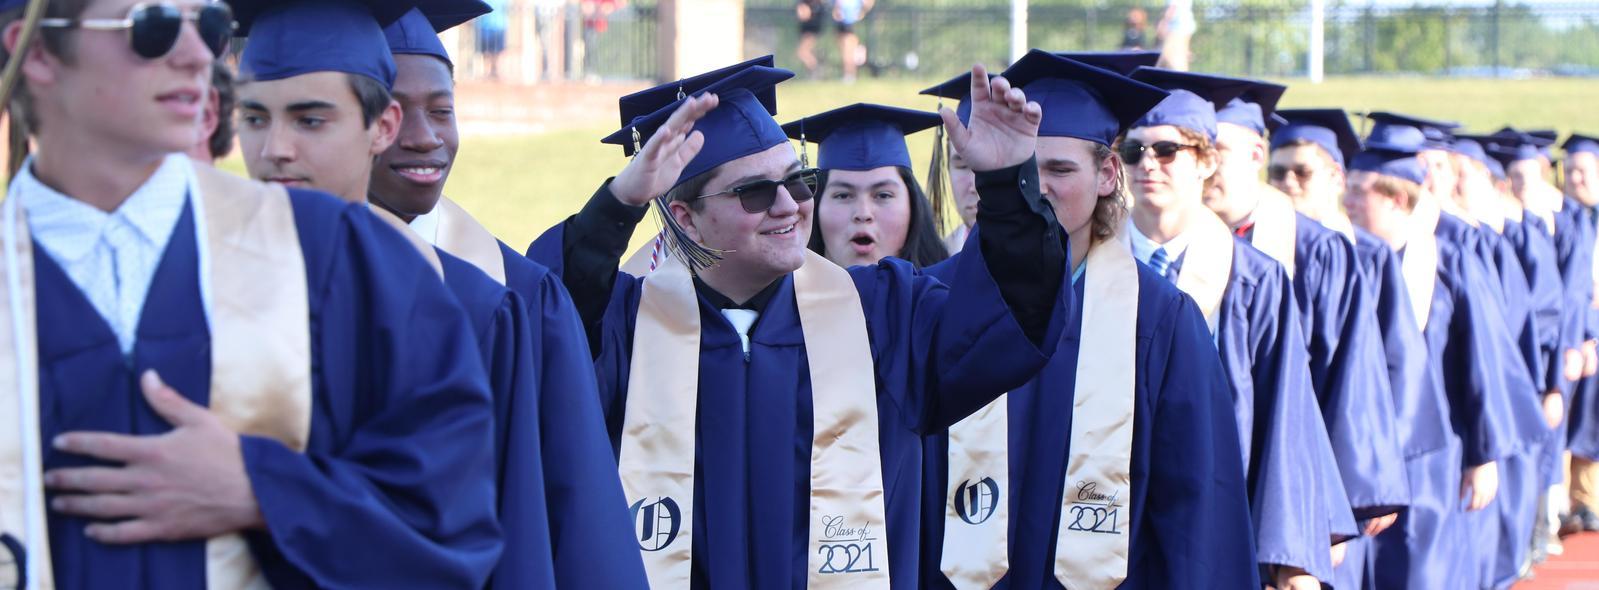 line of graduates smiling